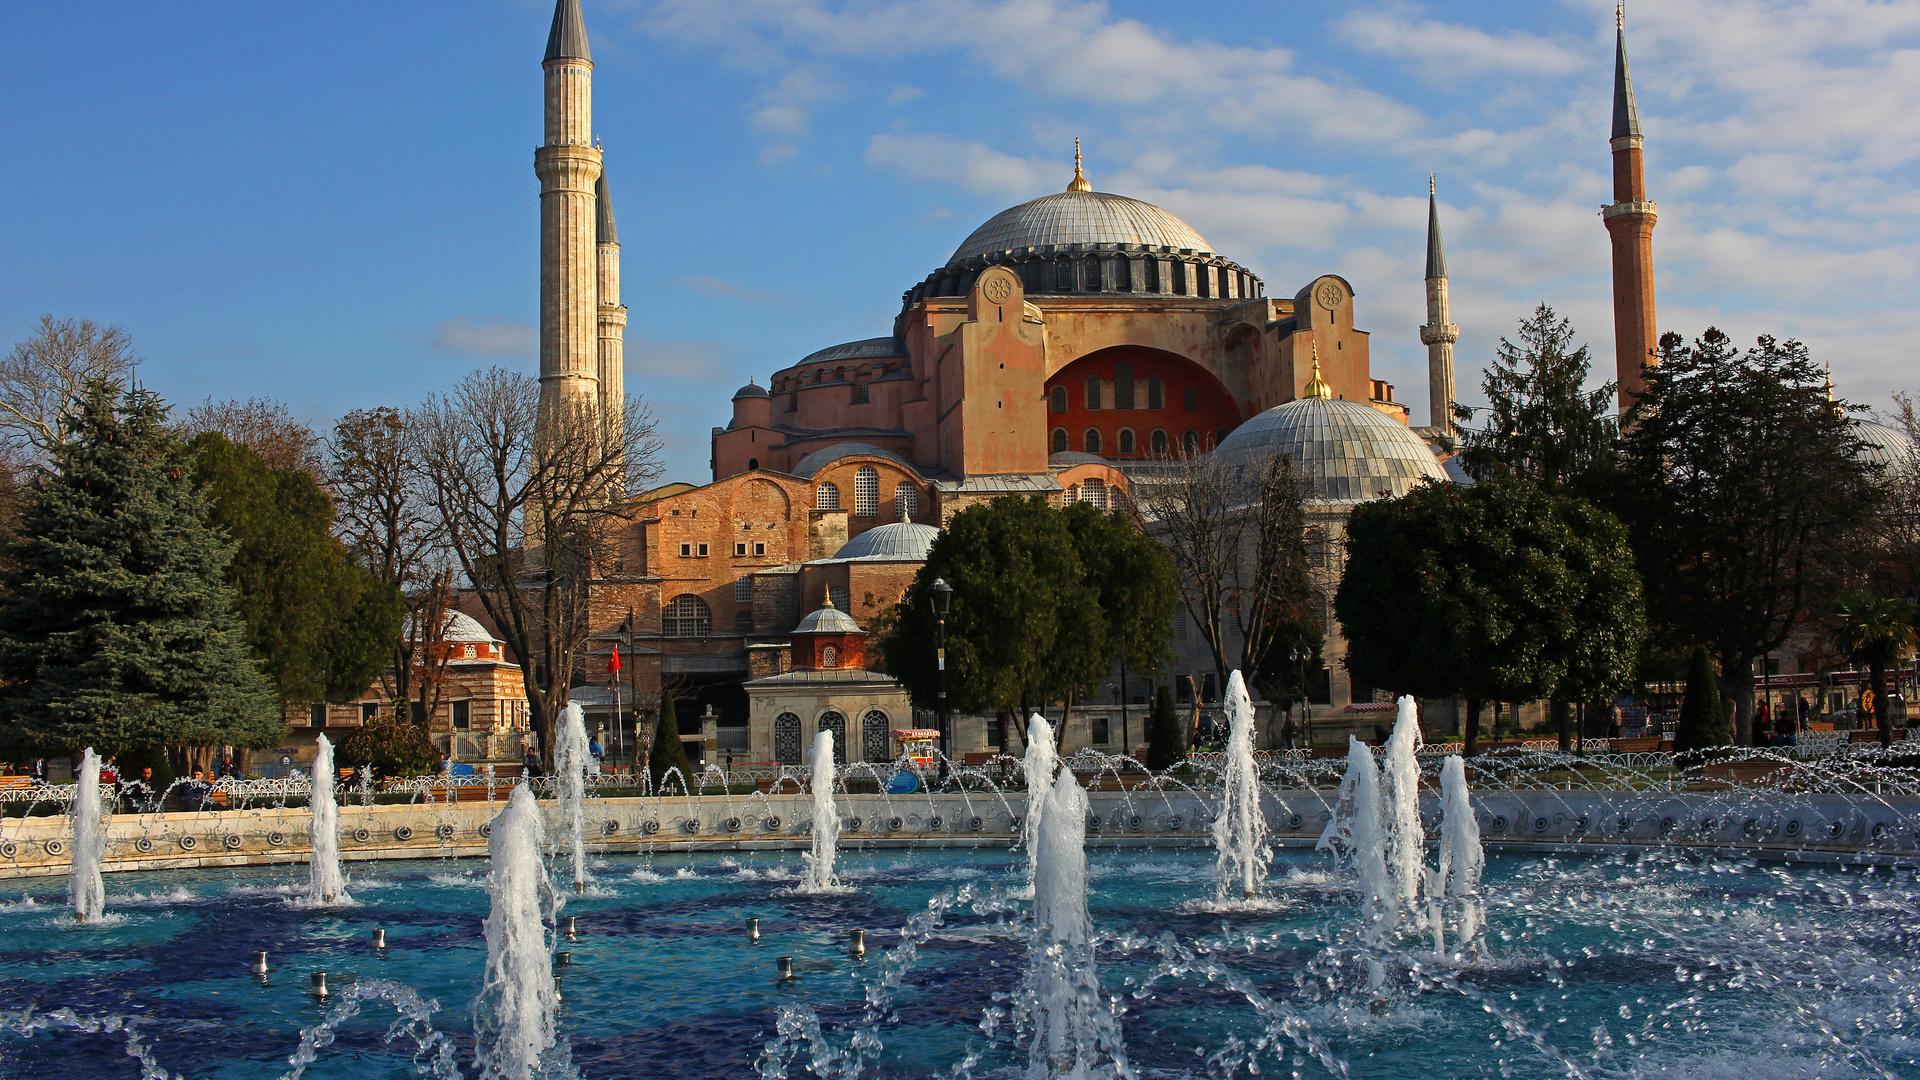 город, собор, башни, фонтан, архитектура, стамбул, турция, собор святой софии, айя-софия